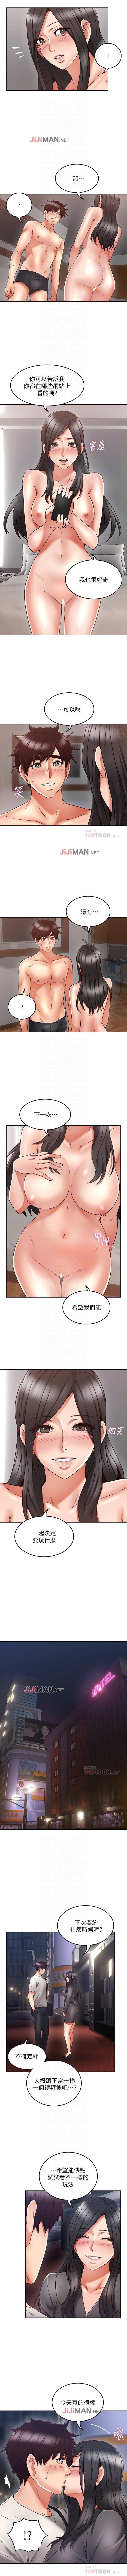 【周六更新】邻居人妻(作者:李周元 & 頸枕) 第1~50话 263